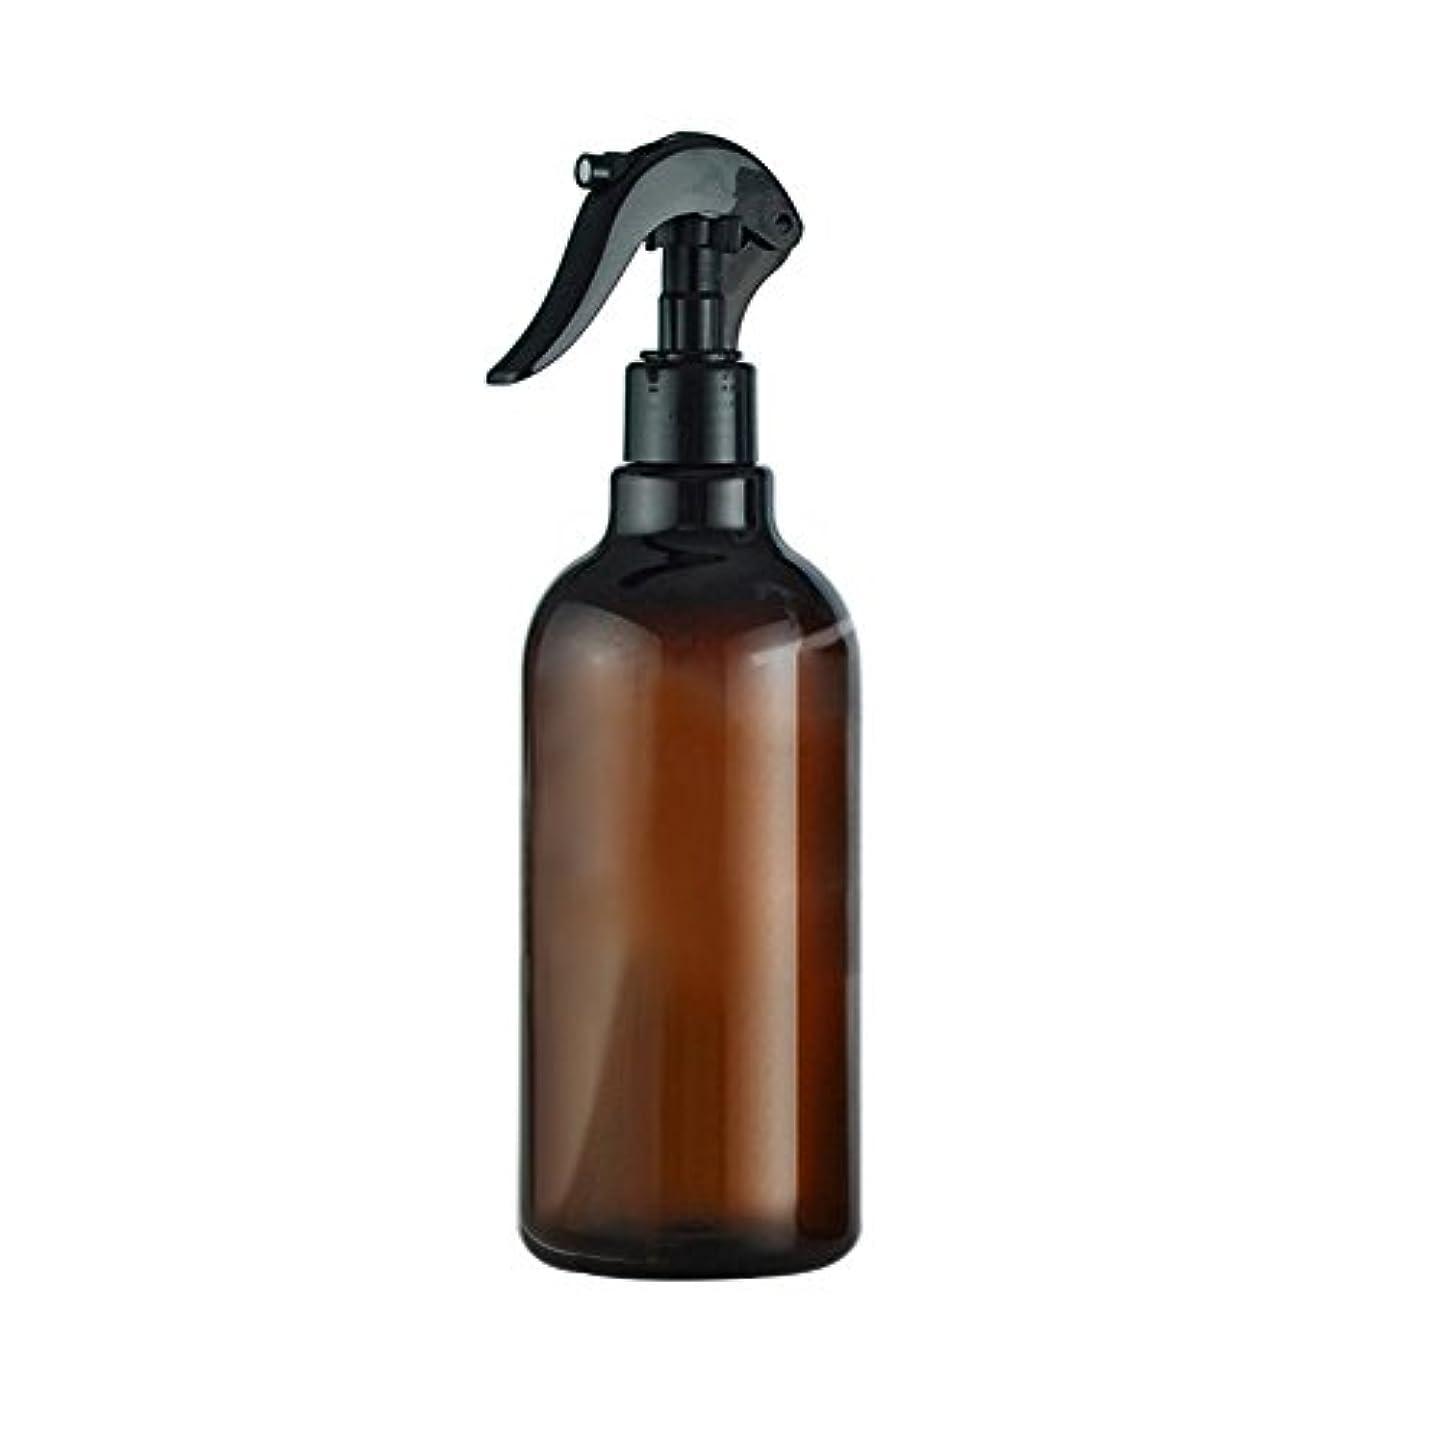 哺乳類愚か保険をかけるBETTER YOU (ベター ュー) スプレーボトル 化粧品ボトル 500ml 詰替え容器 ボトル 化粧水入れ 旅行 香水 化粧水用瓶